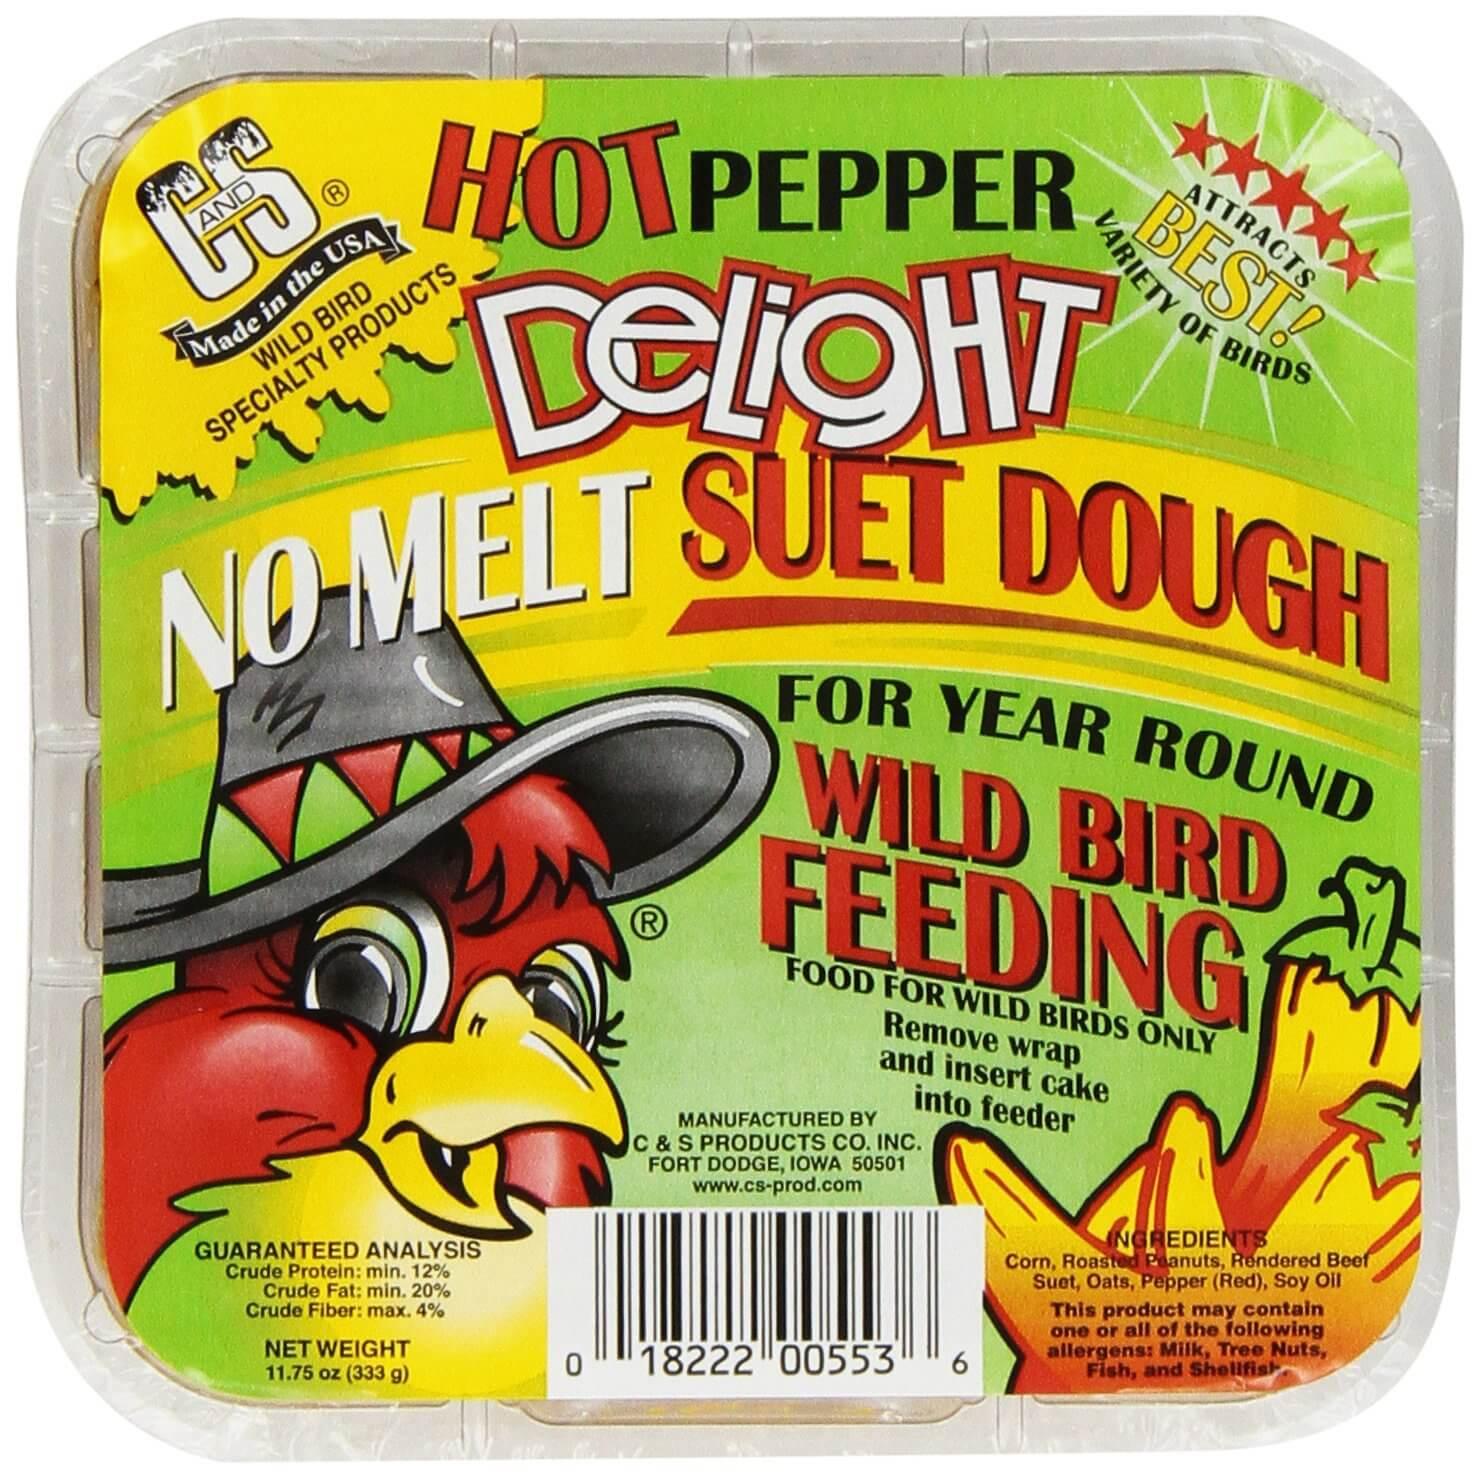 Hot Pepper Suet: Smart Wild Bird Feeding